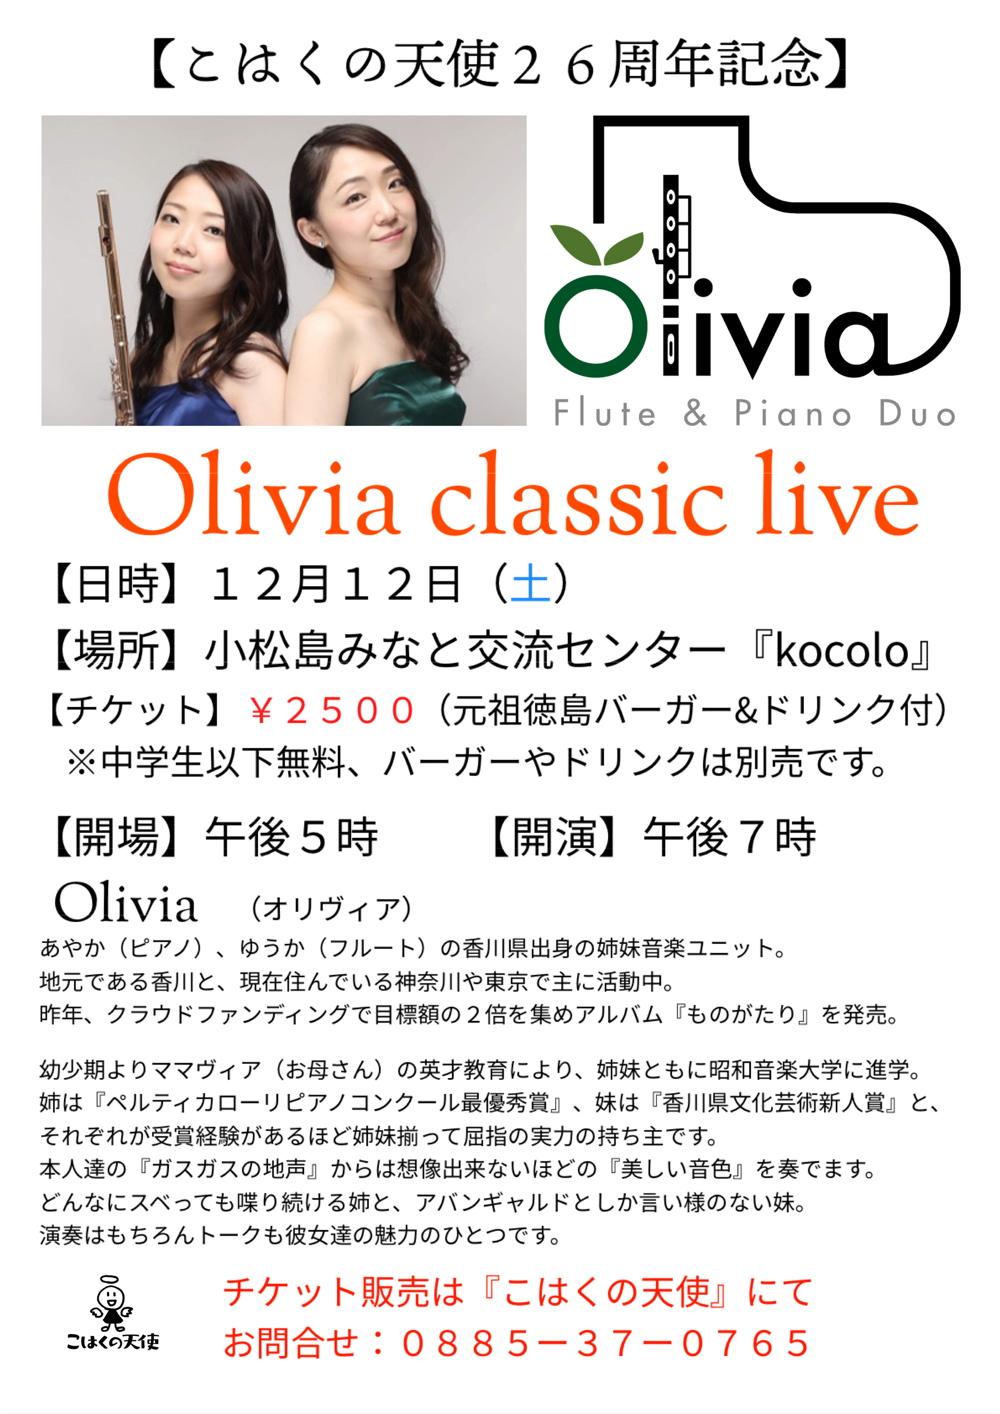 olivia2020.jpg